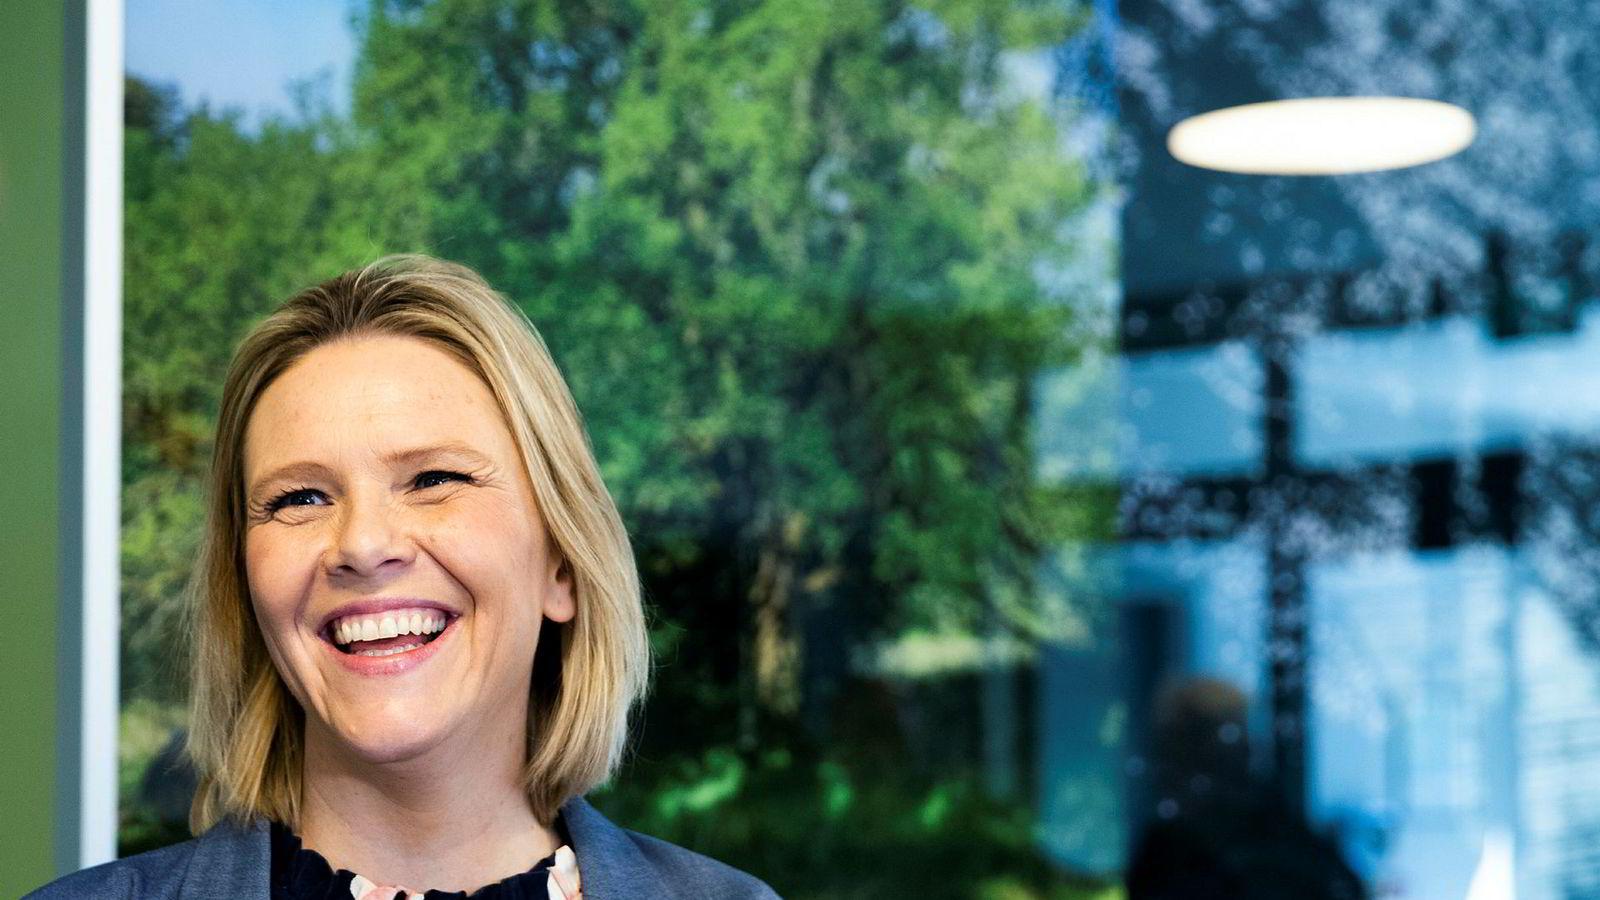 Eldre- og folkehelseminister Sylvi Listhaug tror flere vil bli glade for at Vinmonopolet kan ha åpent til klokka 16 på lørdager.